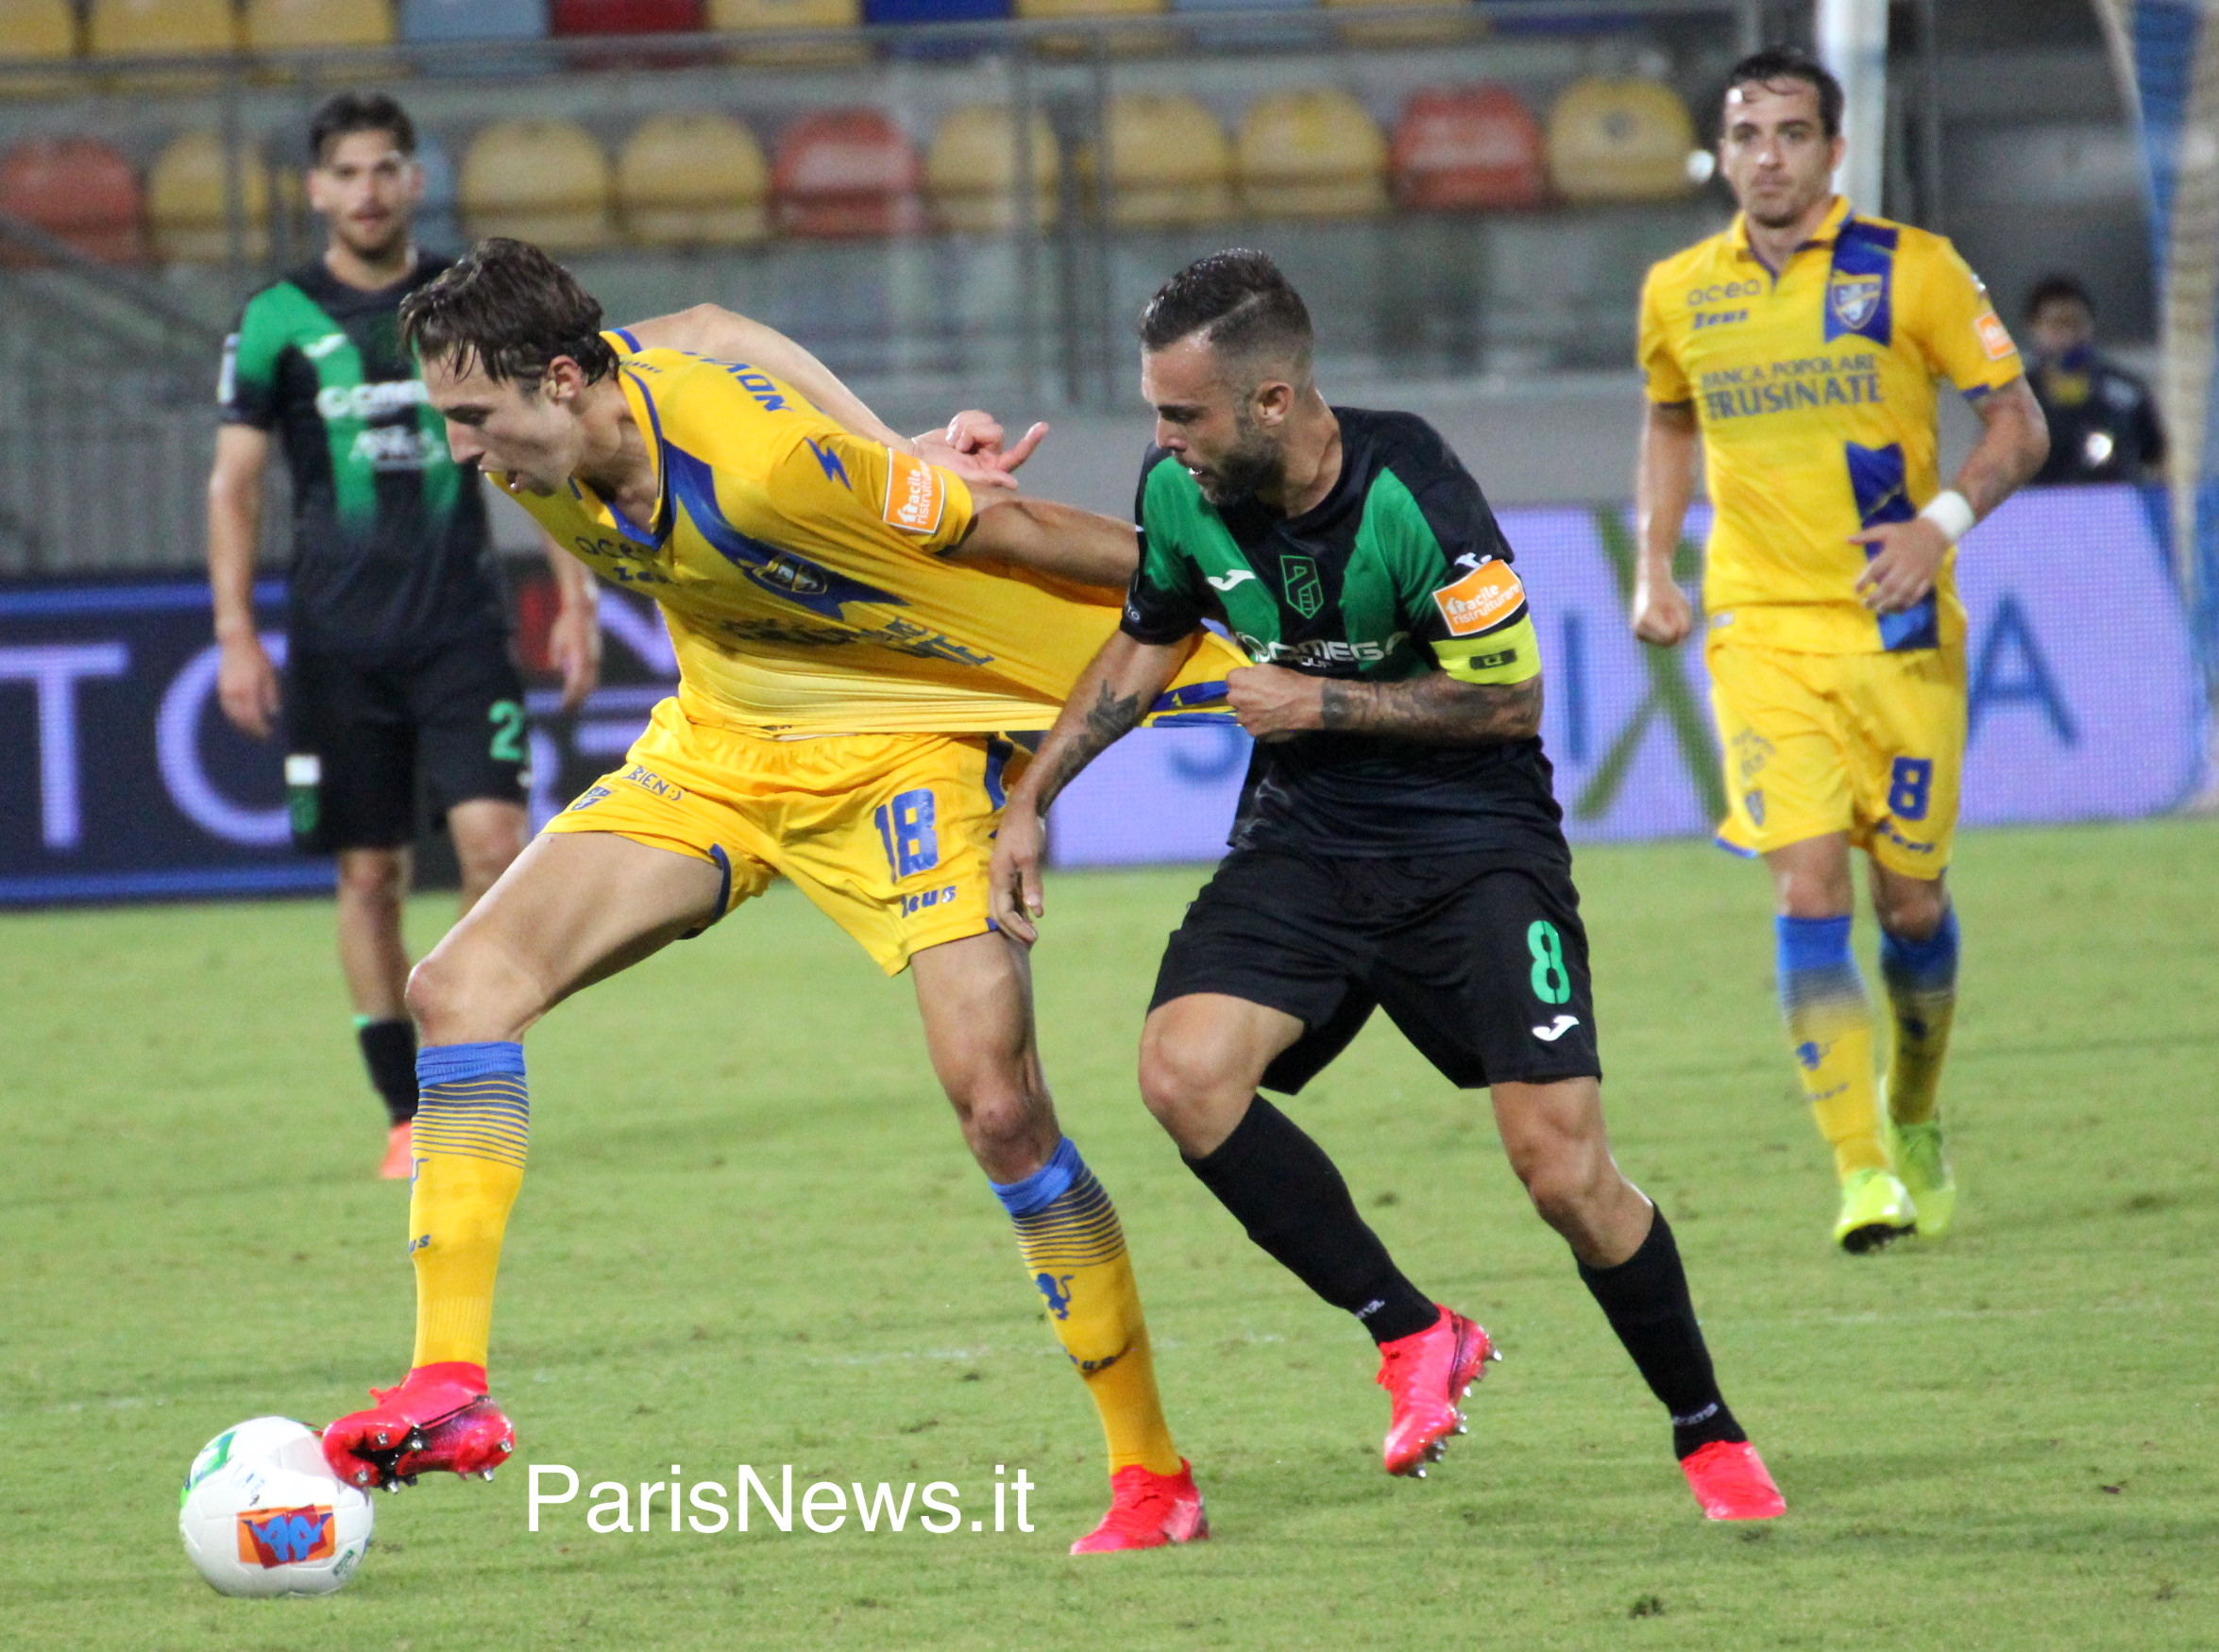 Pordenone - Frosinone 2-0